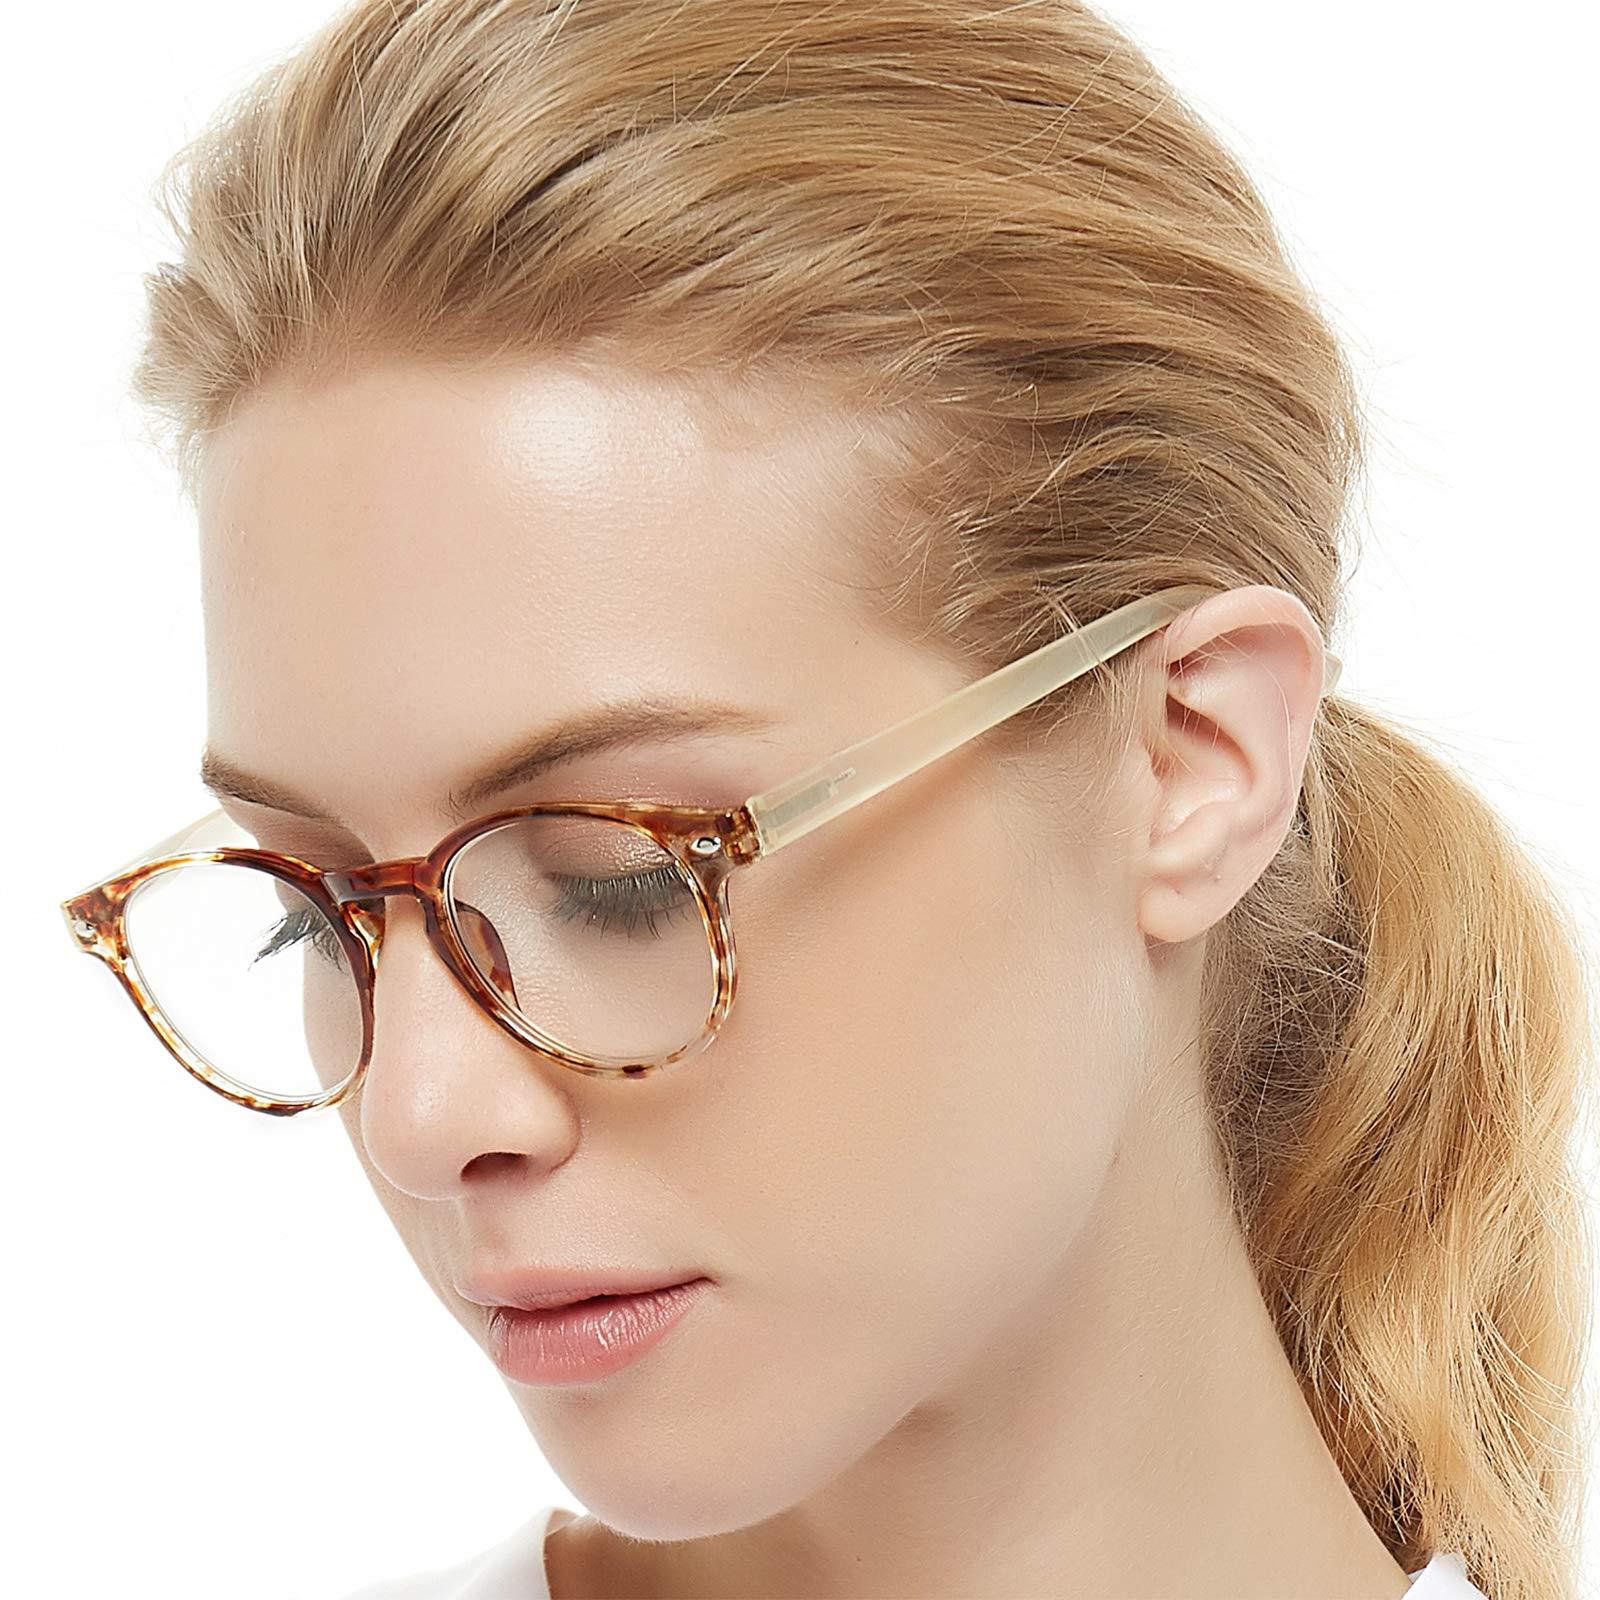 OCCI CHIARI Reading Glasses For Women Sturdy Reader 1.0 1.25 1.5 1.75 2.0 2.25 2.5 2.75 3.0 4.0 5.0 6.0